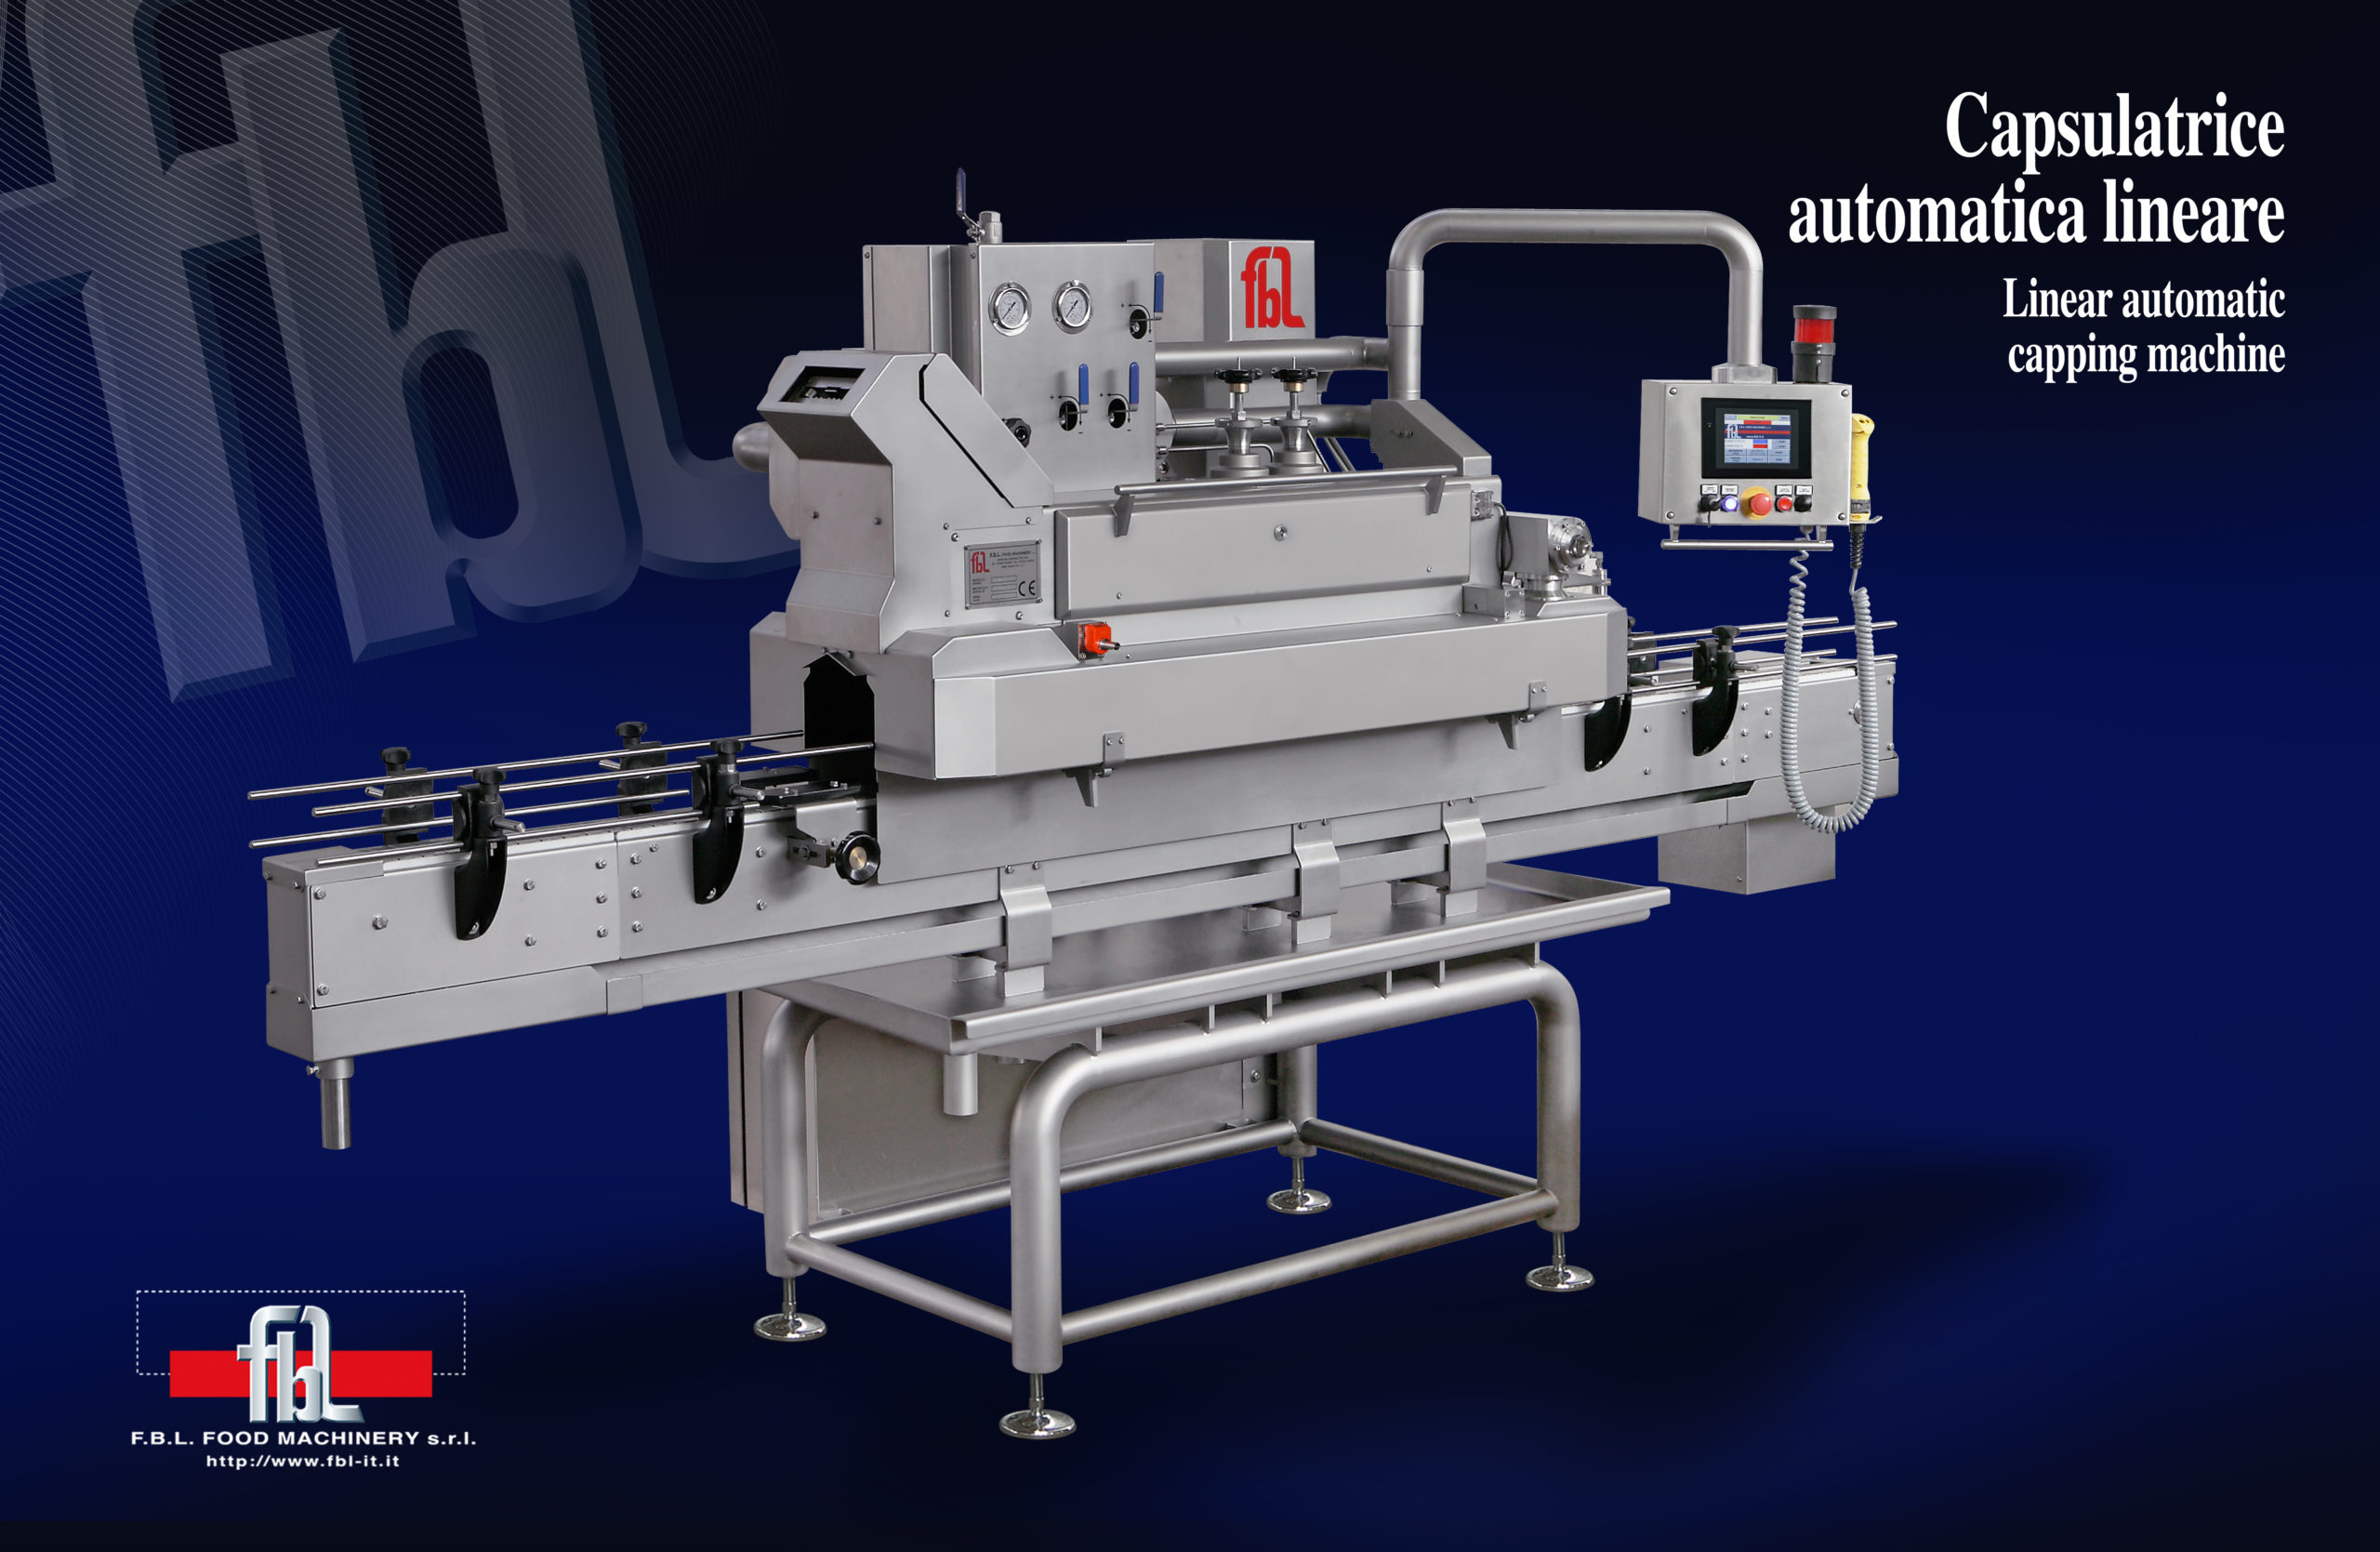 اف بی ال (F.B.L.) – ماشین آلات و تجهیزات برای صنعت غذایی